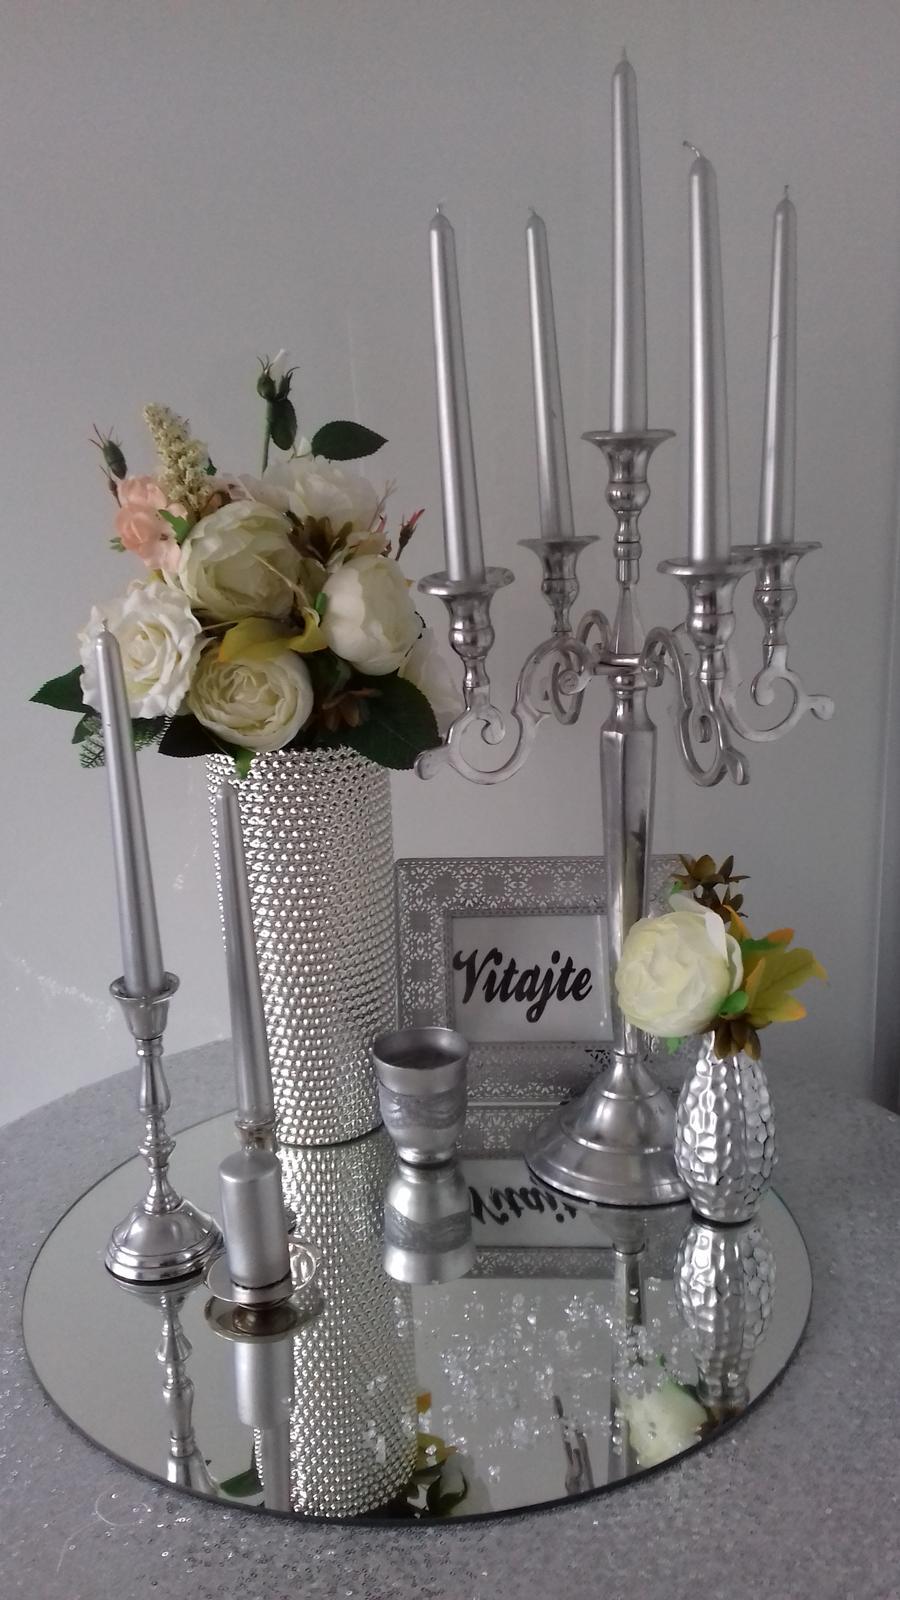 Prenájom svietnikov a váz. - Obrázok č. 1